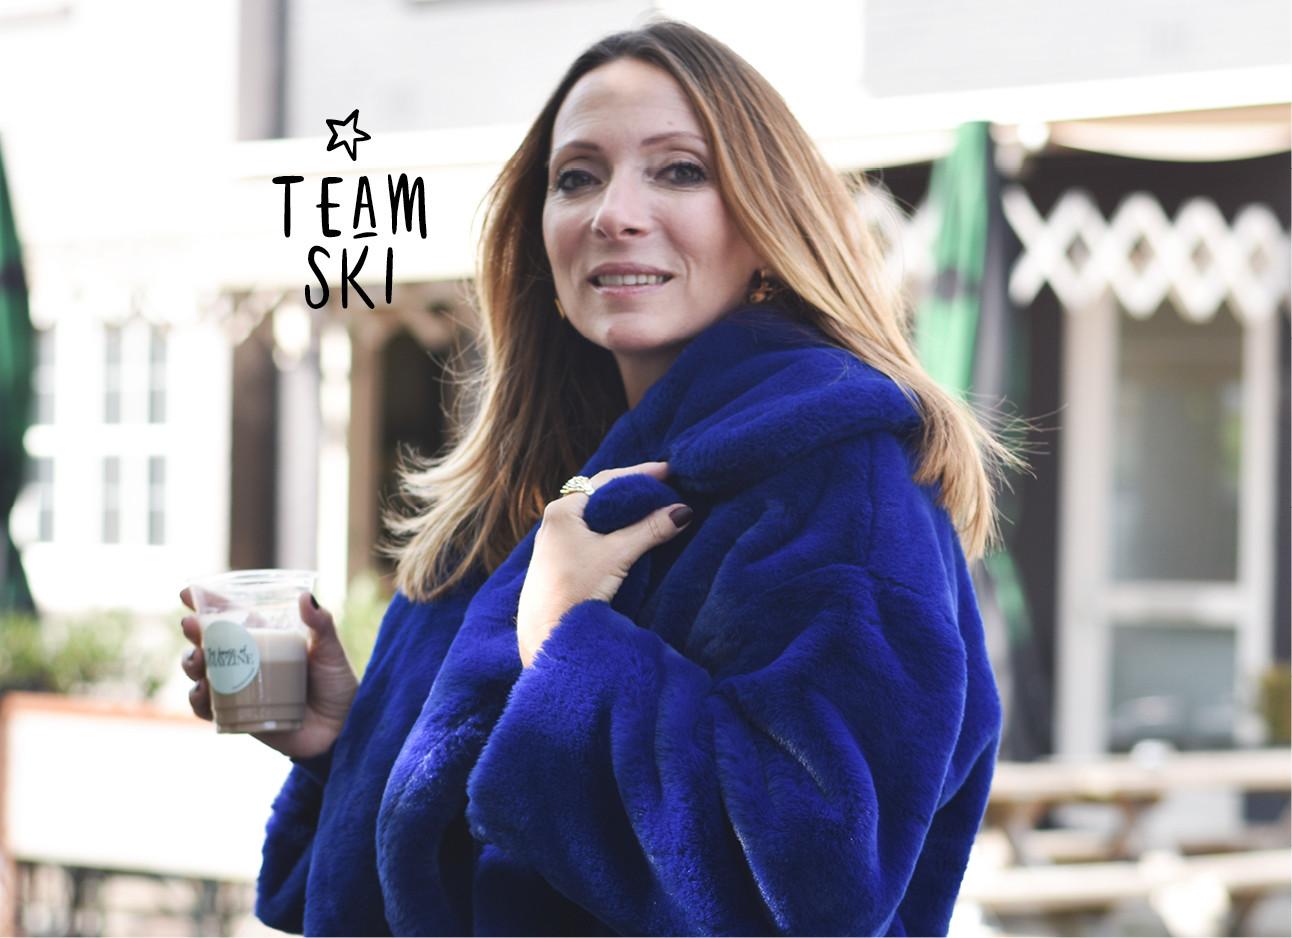 may-britt lachend met een dikke jas en koffie in haar handen